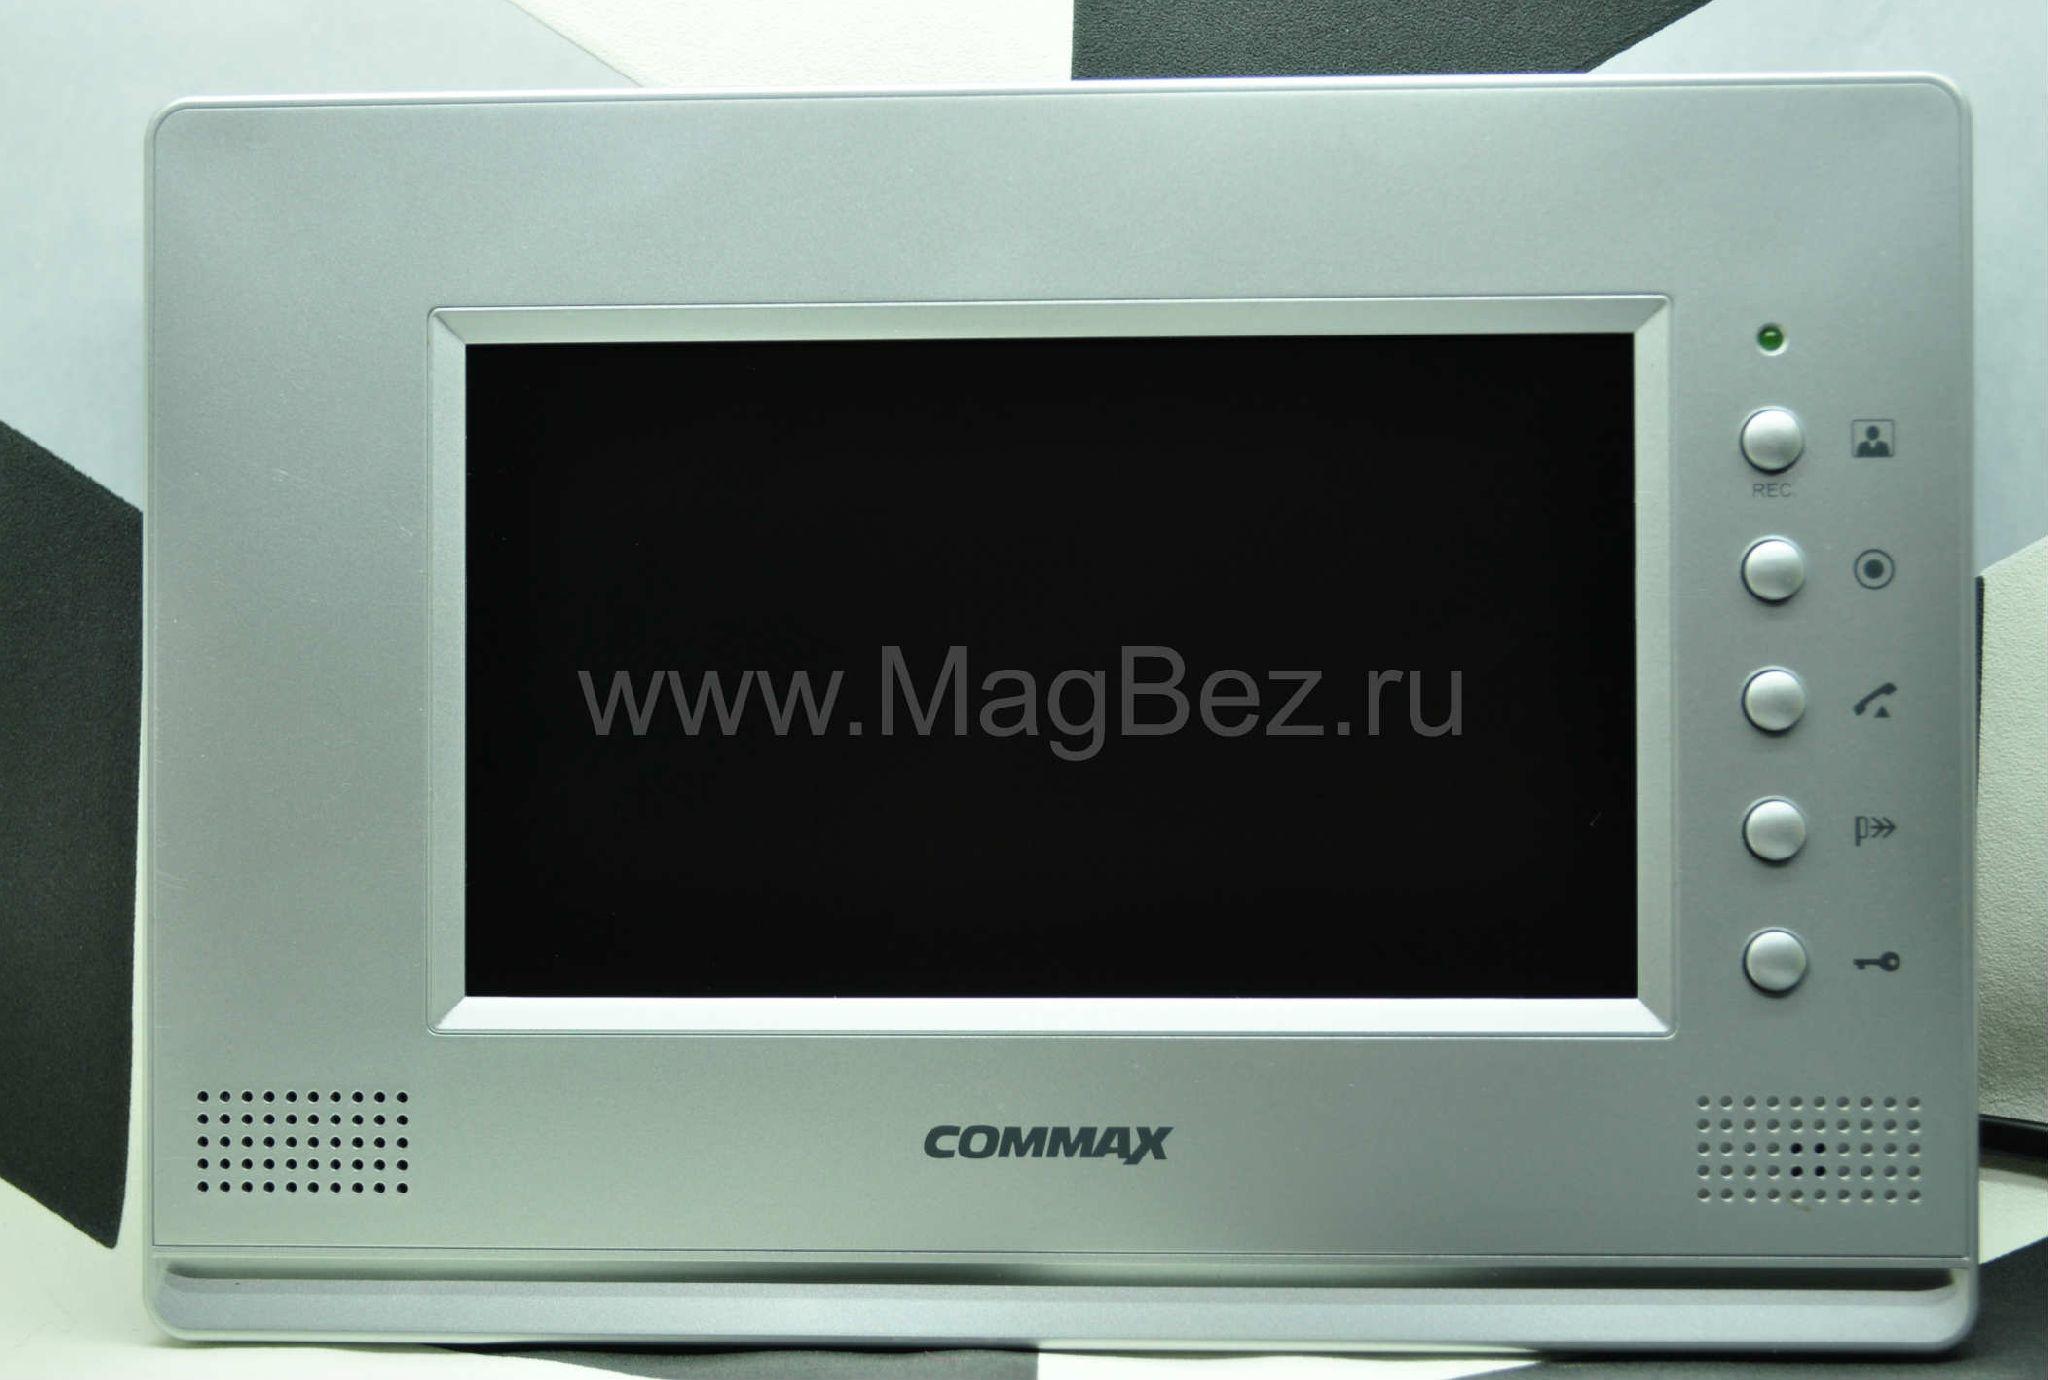 Commax CAV-70PG/4